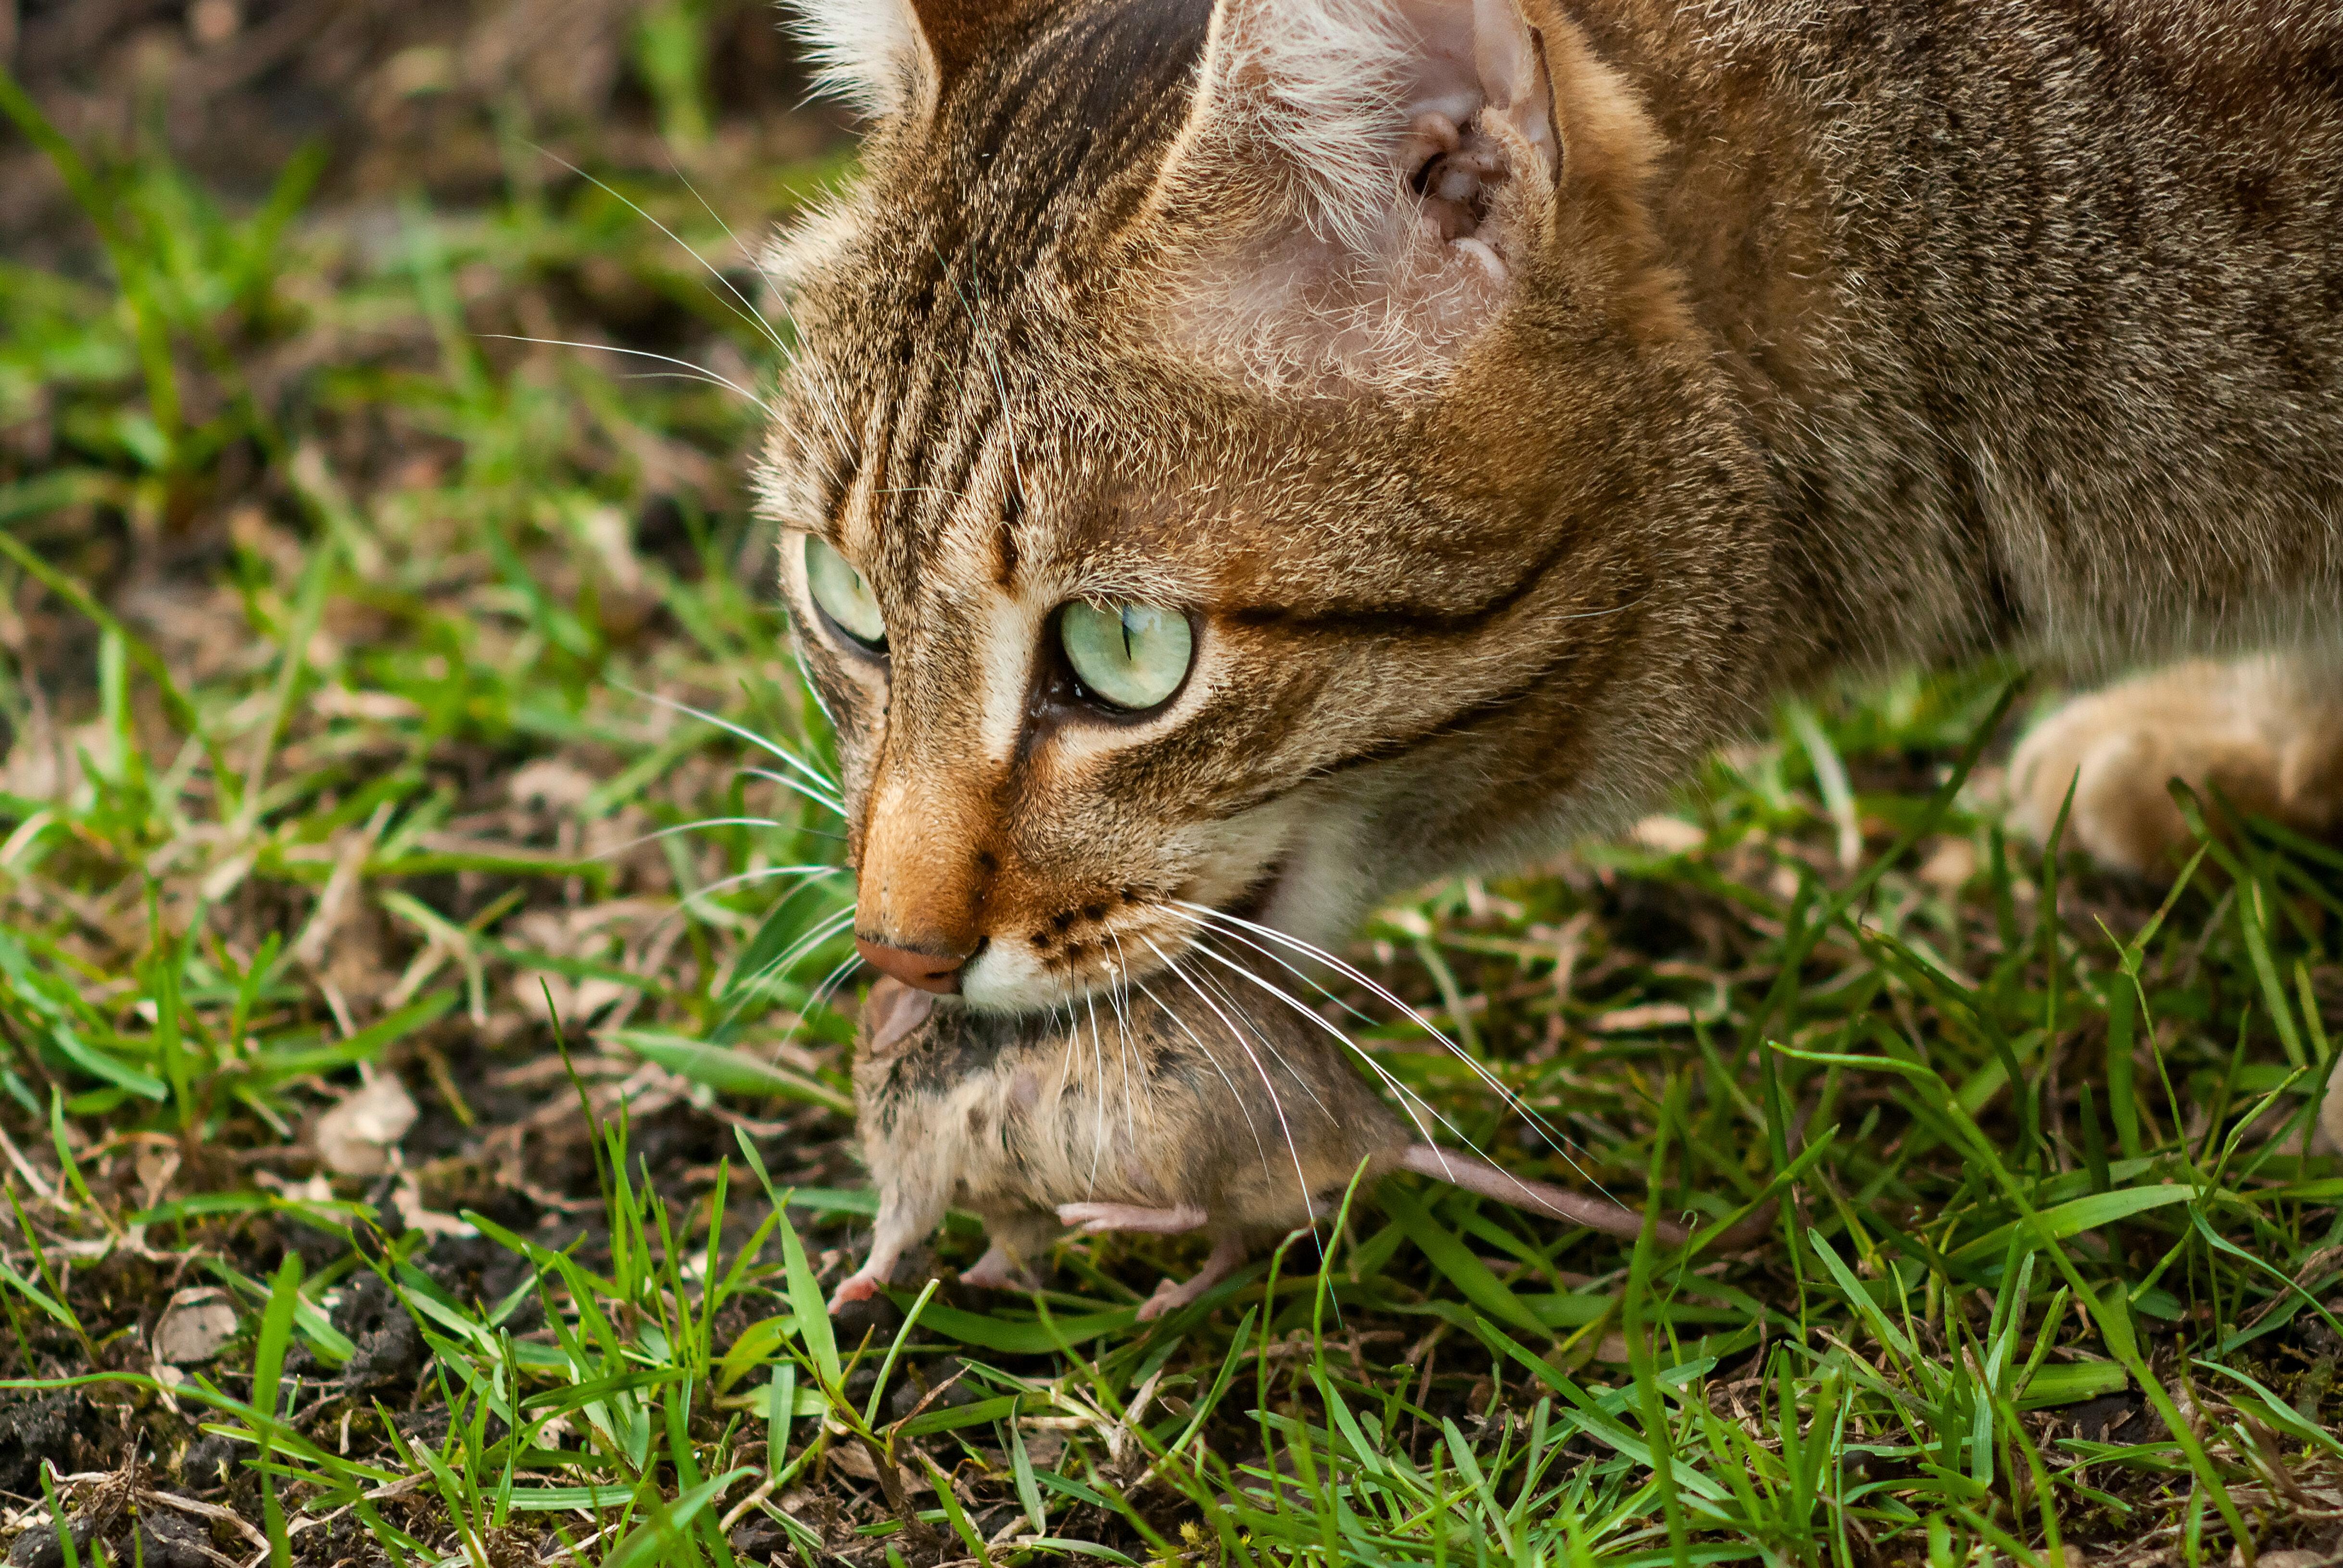 huiskat-predator-onze-natuur.jpg